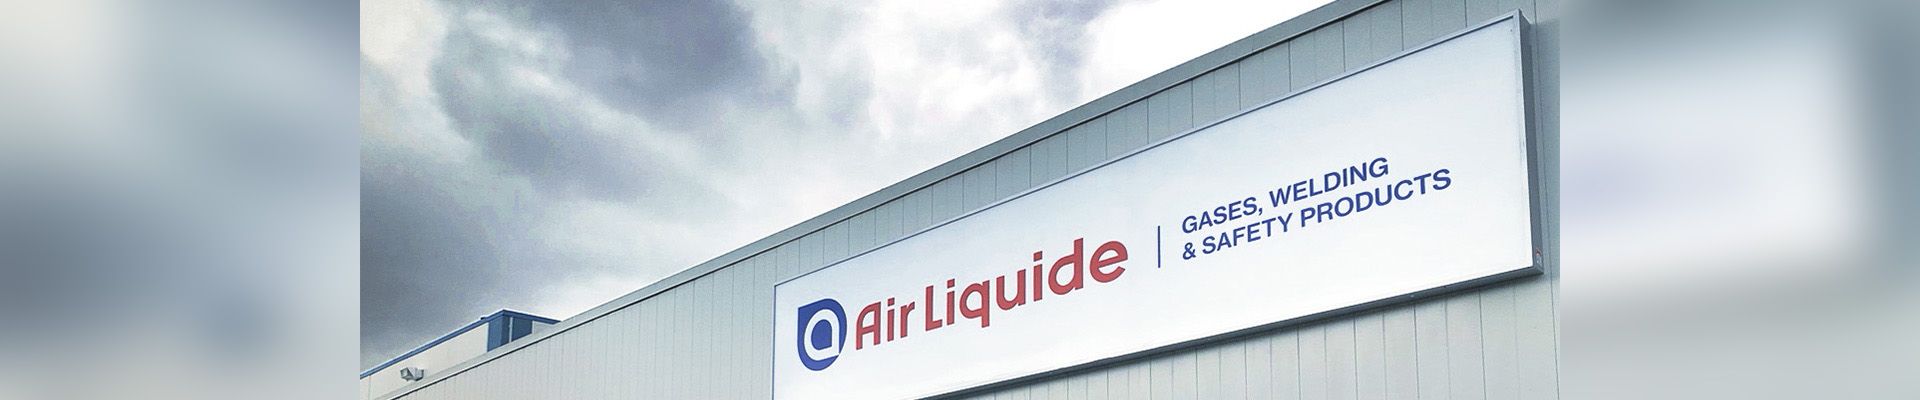 Air Liquide Richmond